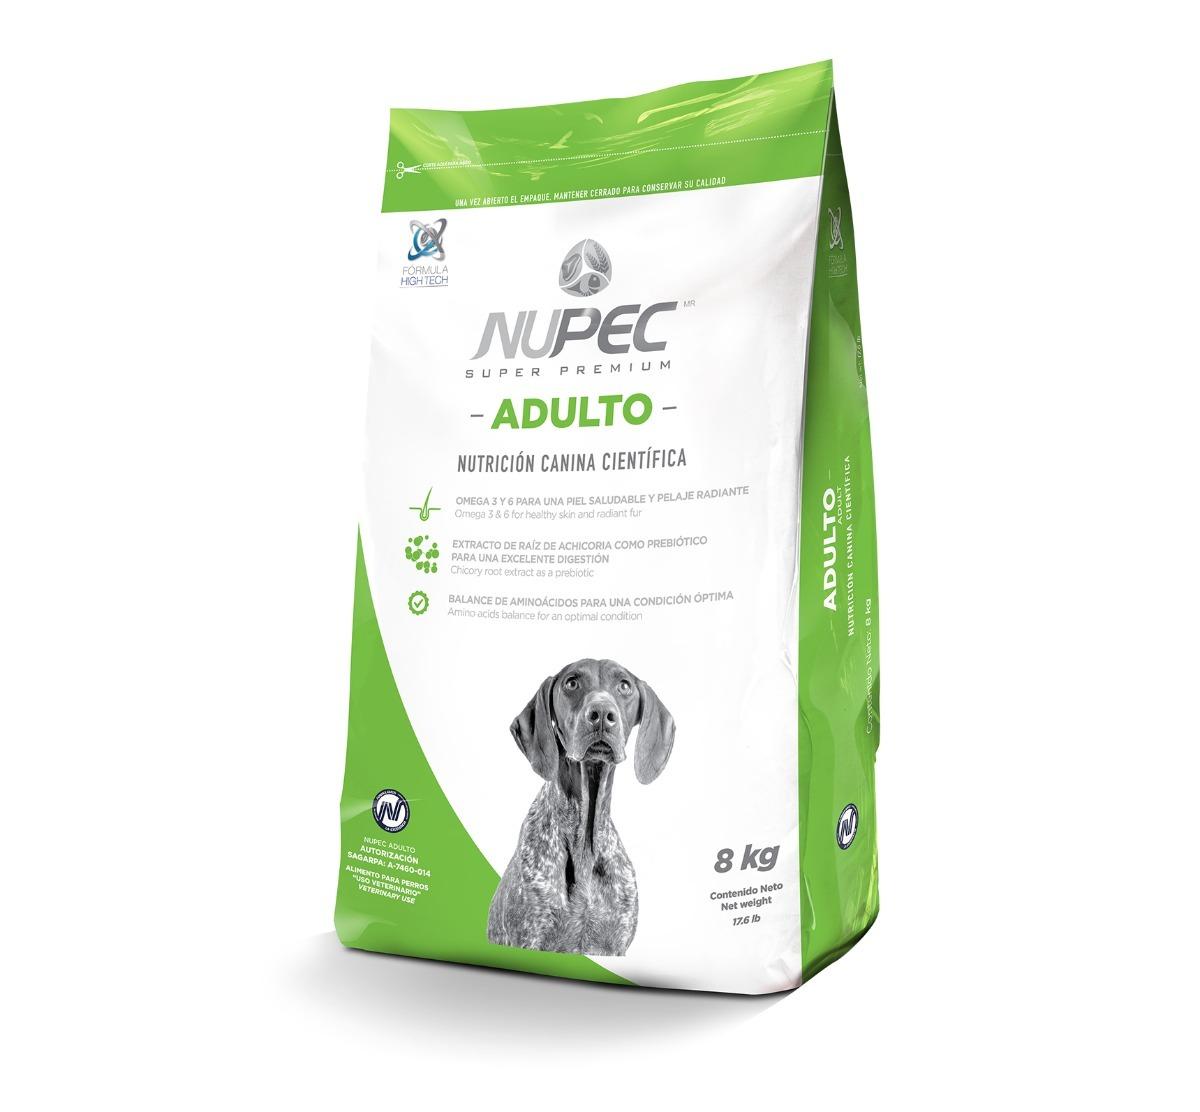 bultos nupec adulto 20 kg alimento perro adulto croquetas